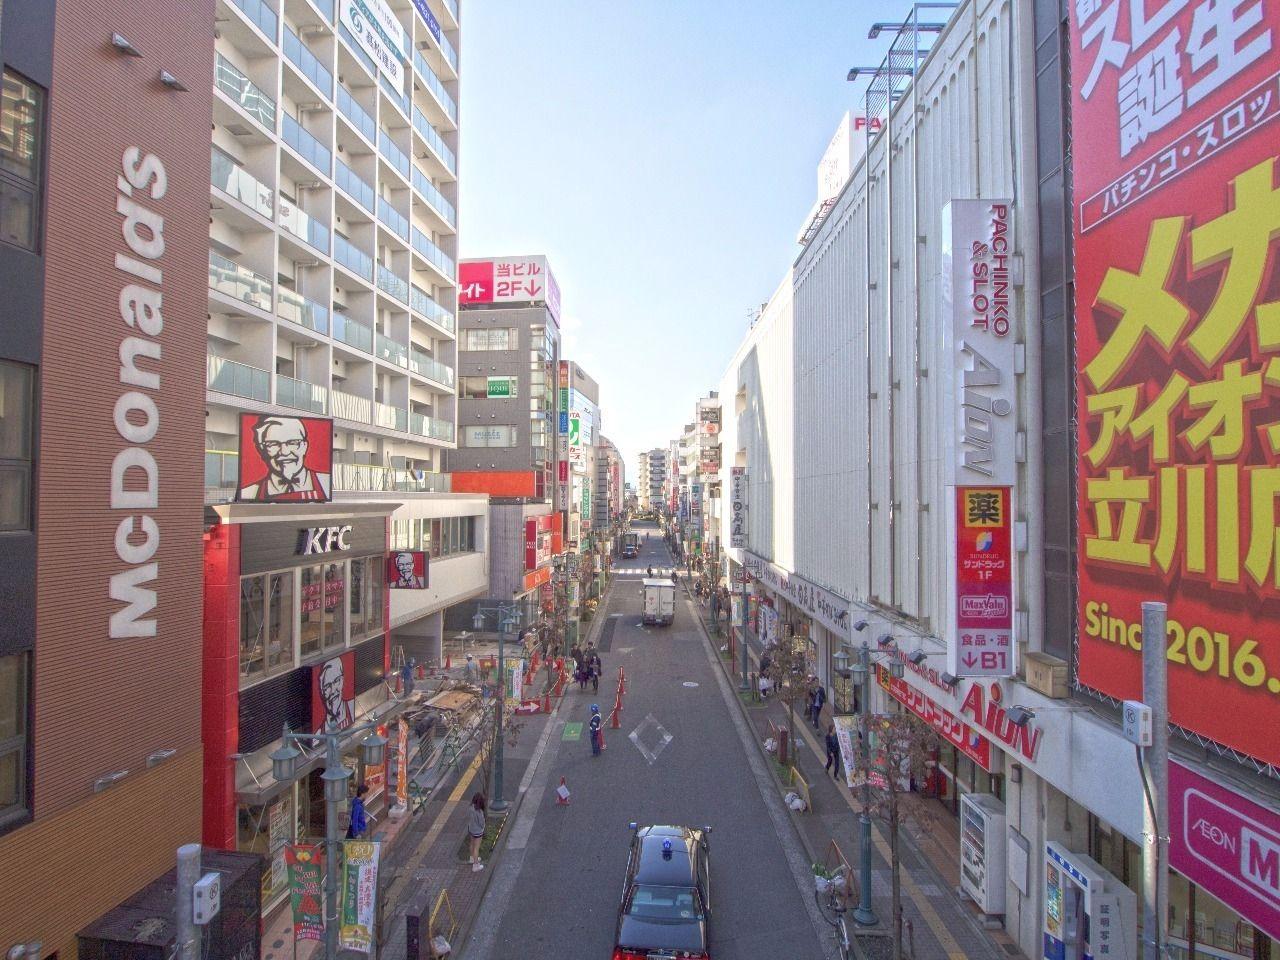 諏訪通り抜けると落ち着いた住宅街が広がります